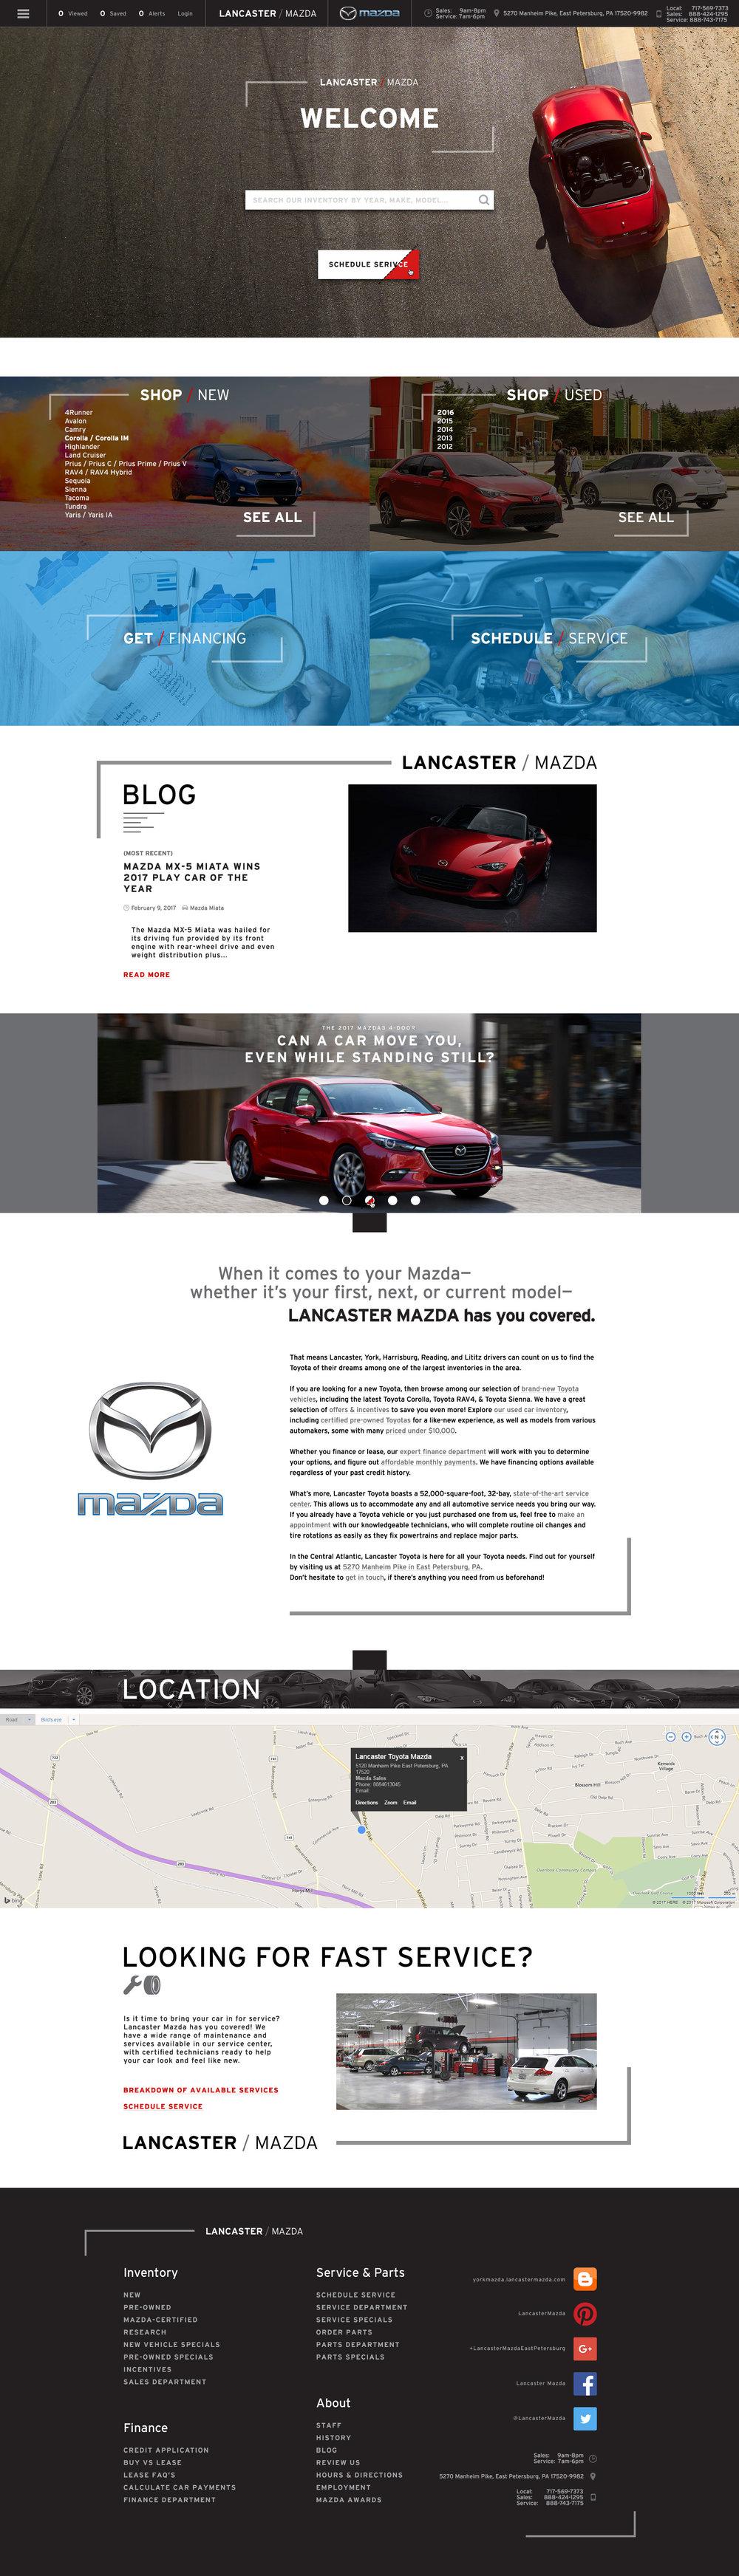 Mazda Homepage_Lancaster Mazda_Custom Skin_Mockup.jpg